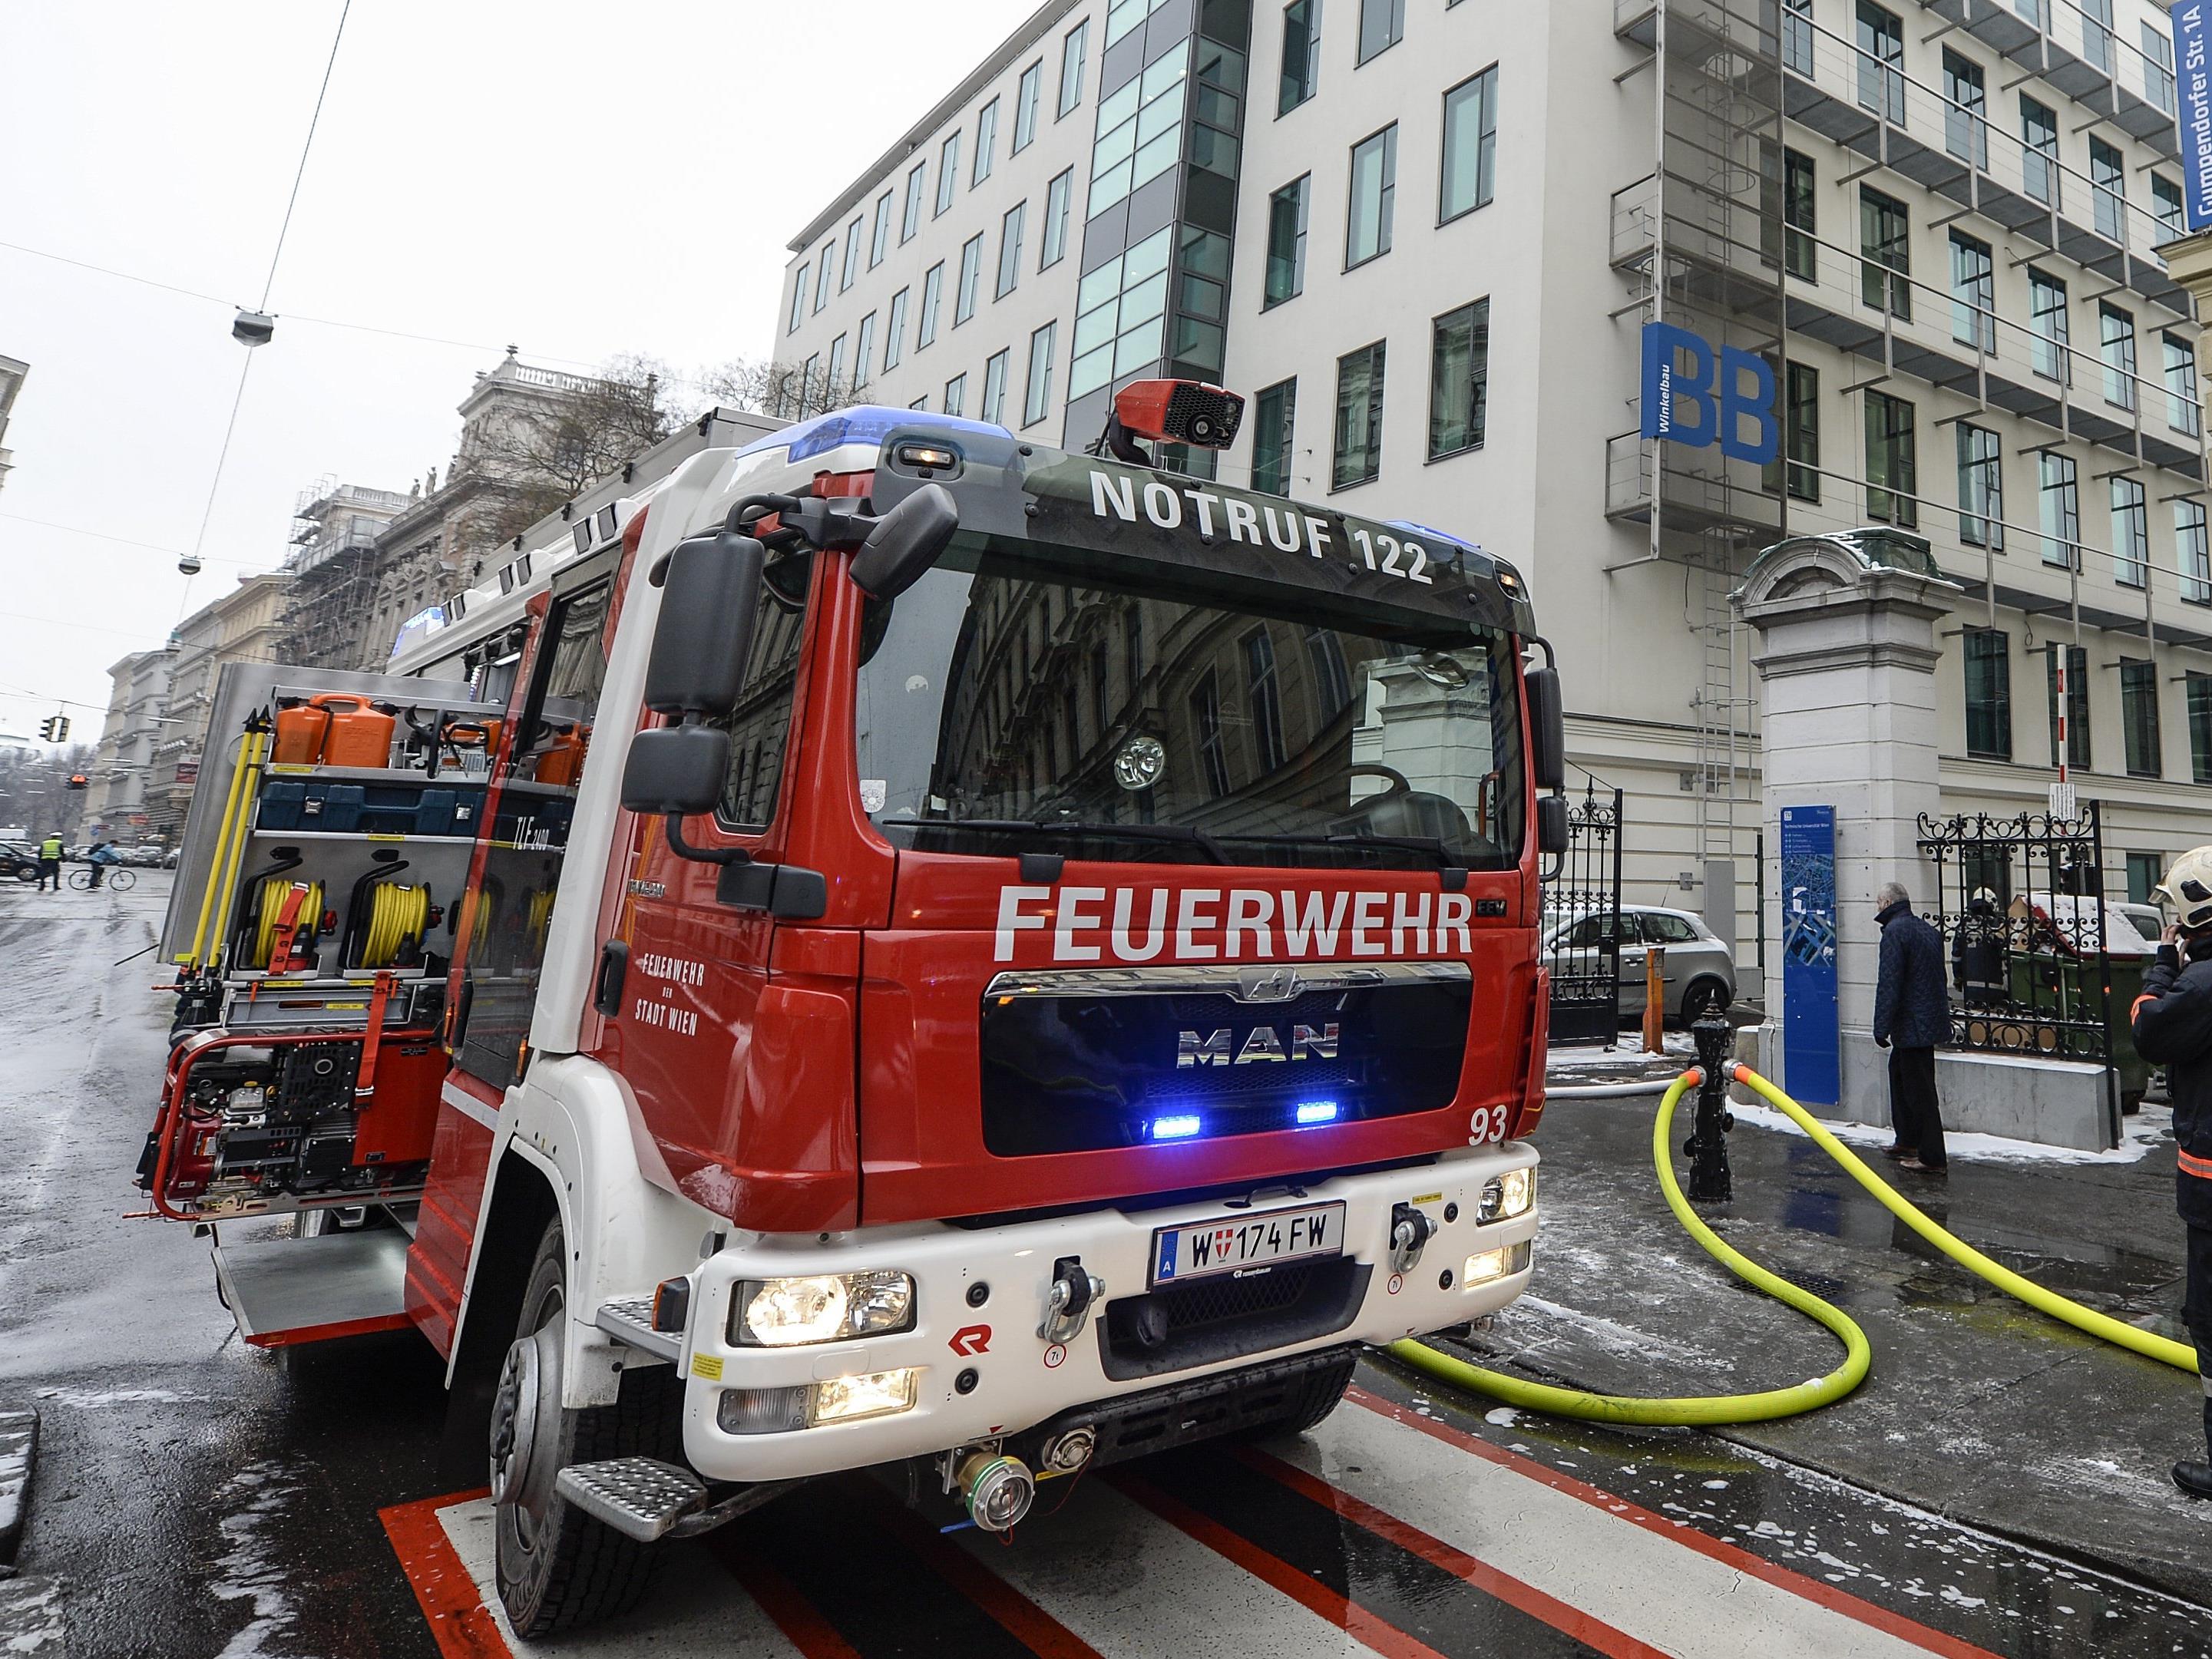 Mit 13 Fahrzeugen ist die Feuerwehr zunächst ausgerückt - es waren jedoch nur noch Nachlöscharbeiten nötig.